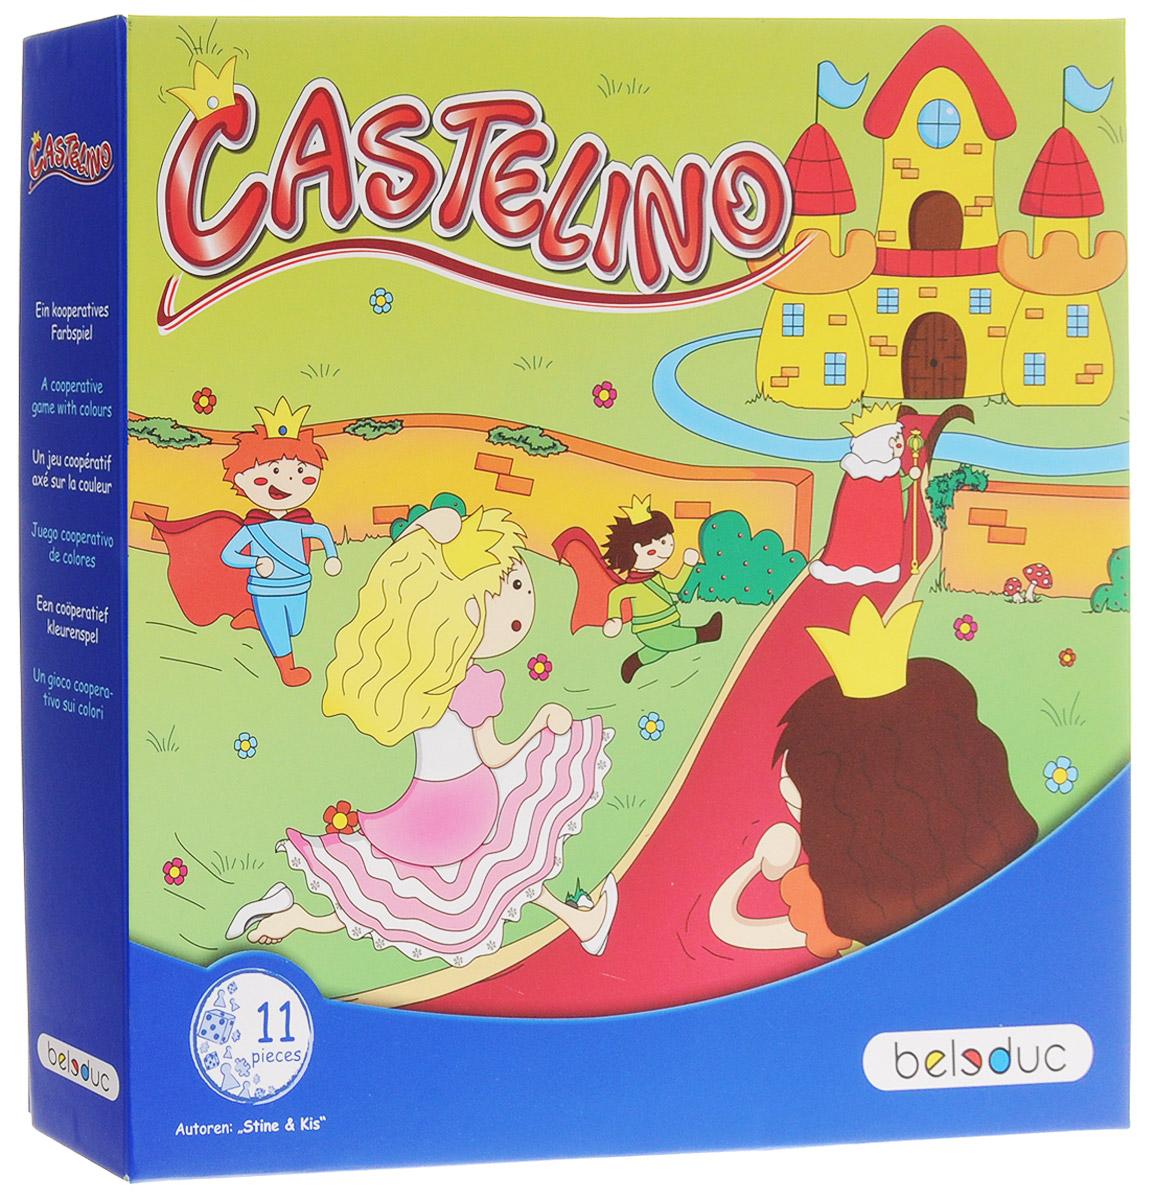 Beleduc Обучающая игра Замок Кастелино22423Обучающая игра Beleduc Замок Кастелино - это интересное увлечение для малышей от двух лет. В большом королевском дворце будет отмечаться пышный праздник. На праздник приглашены принцы и принцессы из всех уголков страны. Но все гости должны собраться перед дворцом прежде, чем король попадает в замок. Каждый игровой элемент выполнен из натурального дерева и прочного картона. Развивающая игра от Beleduc Замок Кастелино вызовет восторг у вашего ребенка, но и поможет ему развиваться и тренировать мелкую моторику, зрительно-тактильное восприятие, воображение.